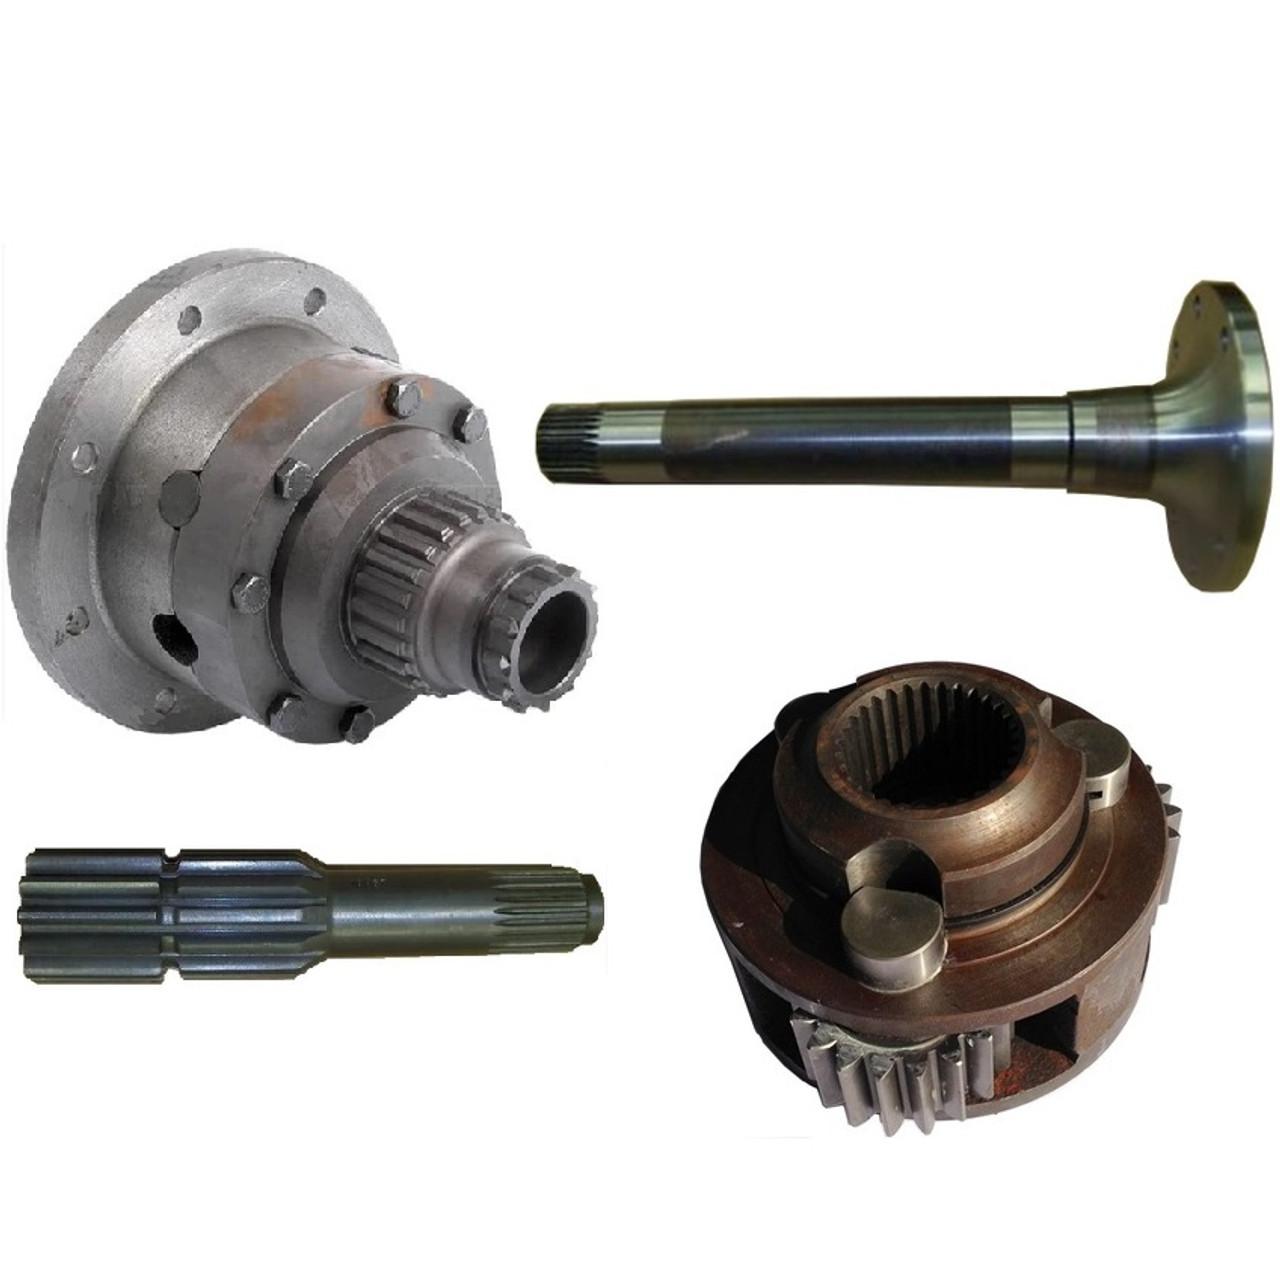 John Deere Backhoe Parts | John Deere Backhoe Used Parts | Broken